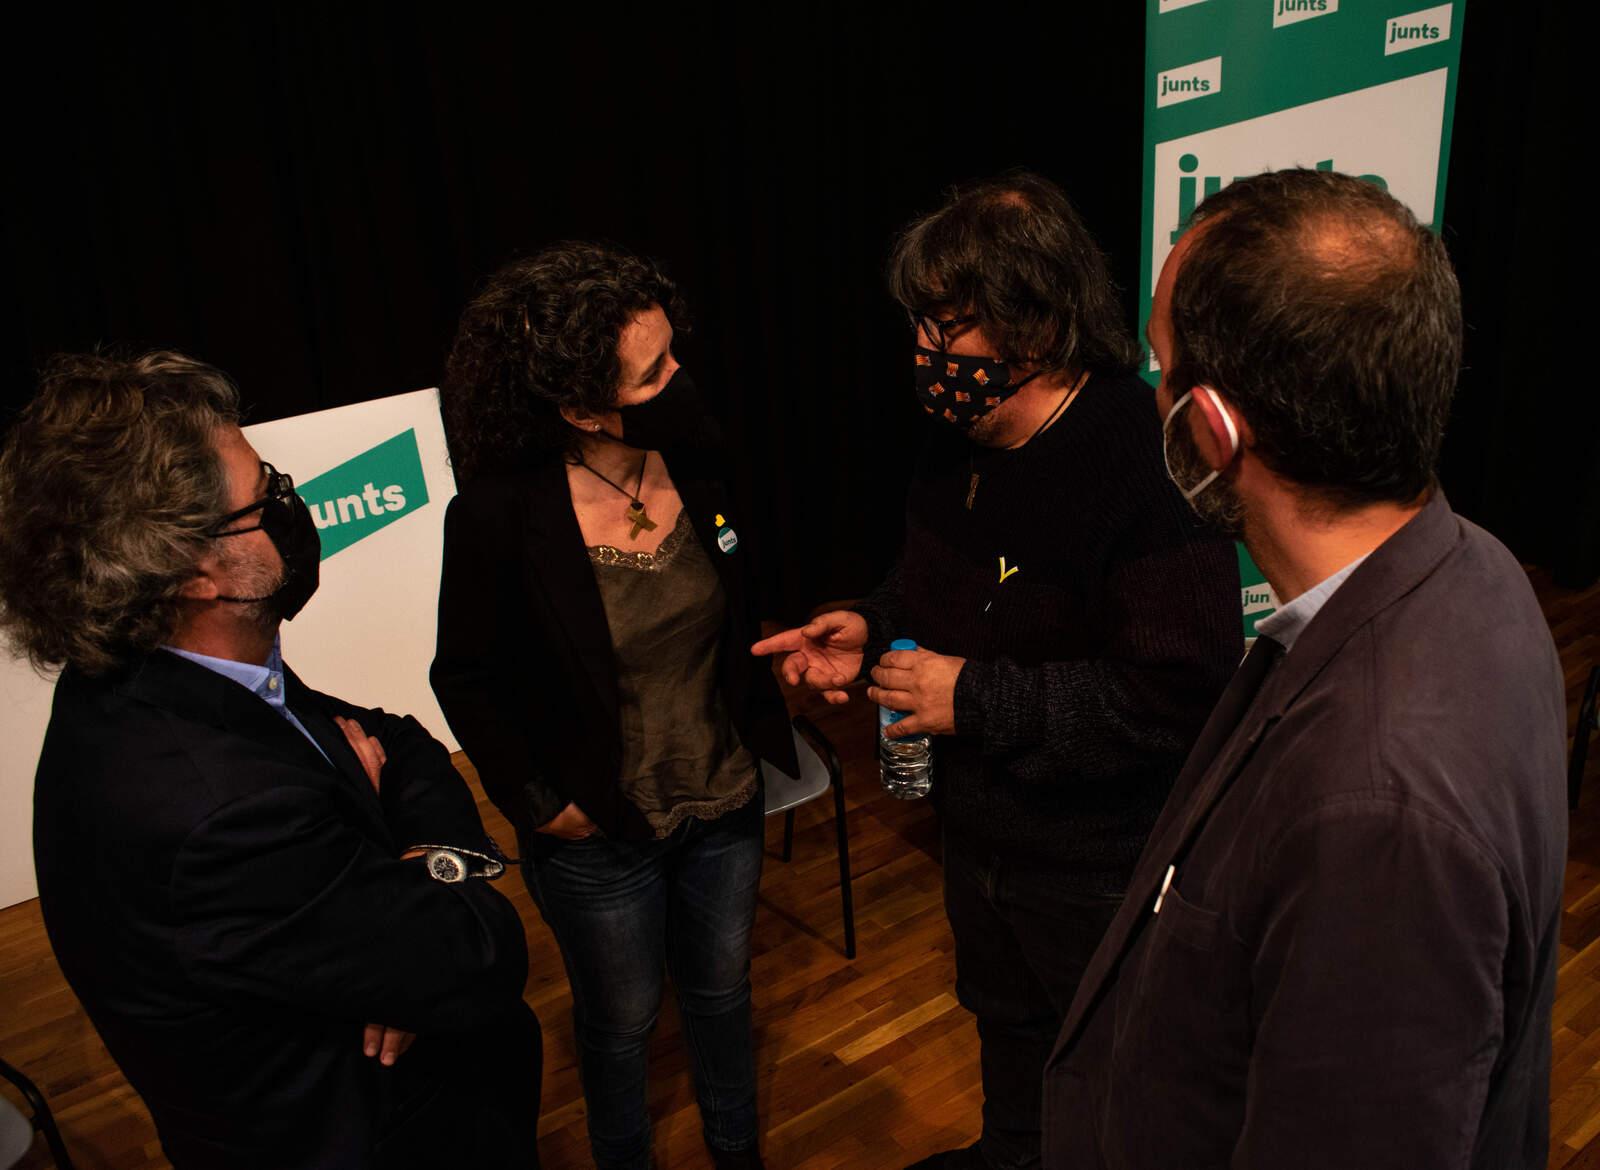 Antoni Castellà, Montserrat Caupena, Jordi Pesarrodona i Jordi Noguera